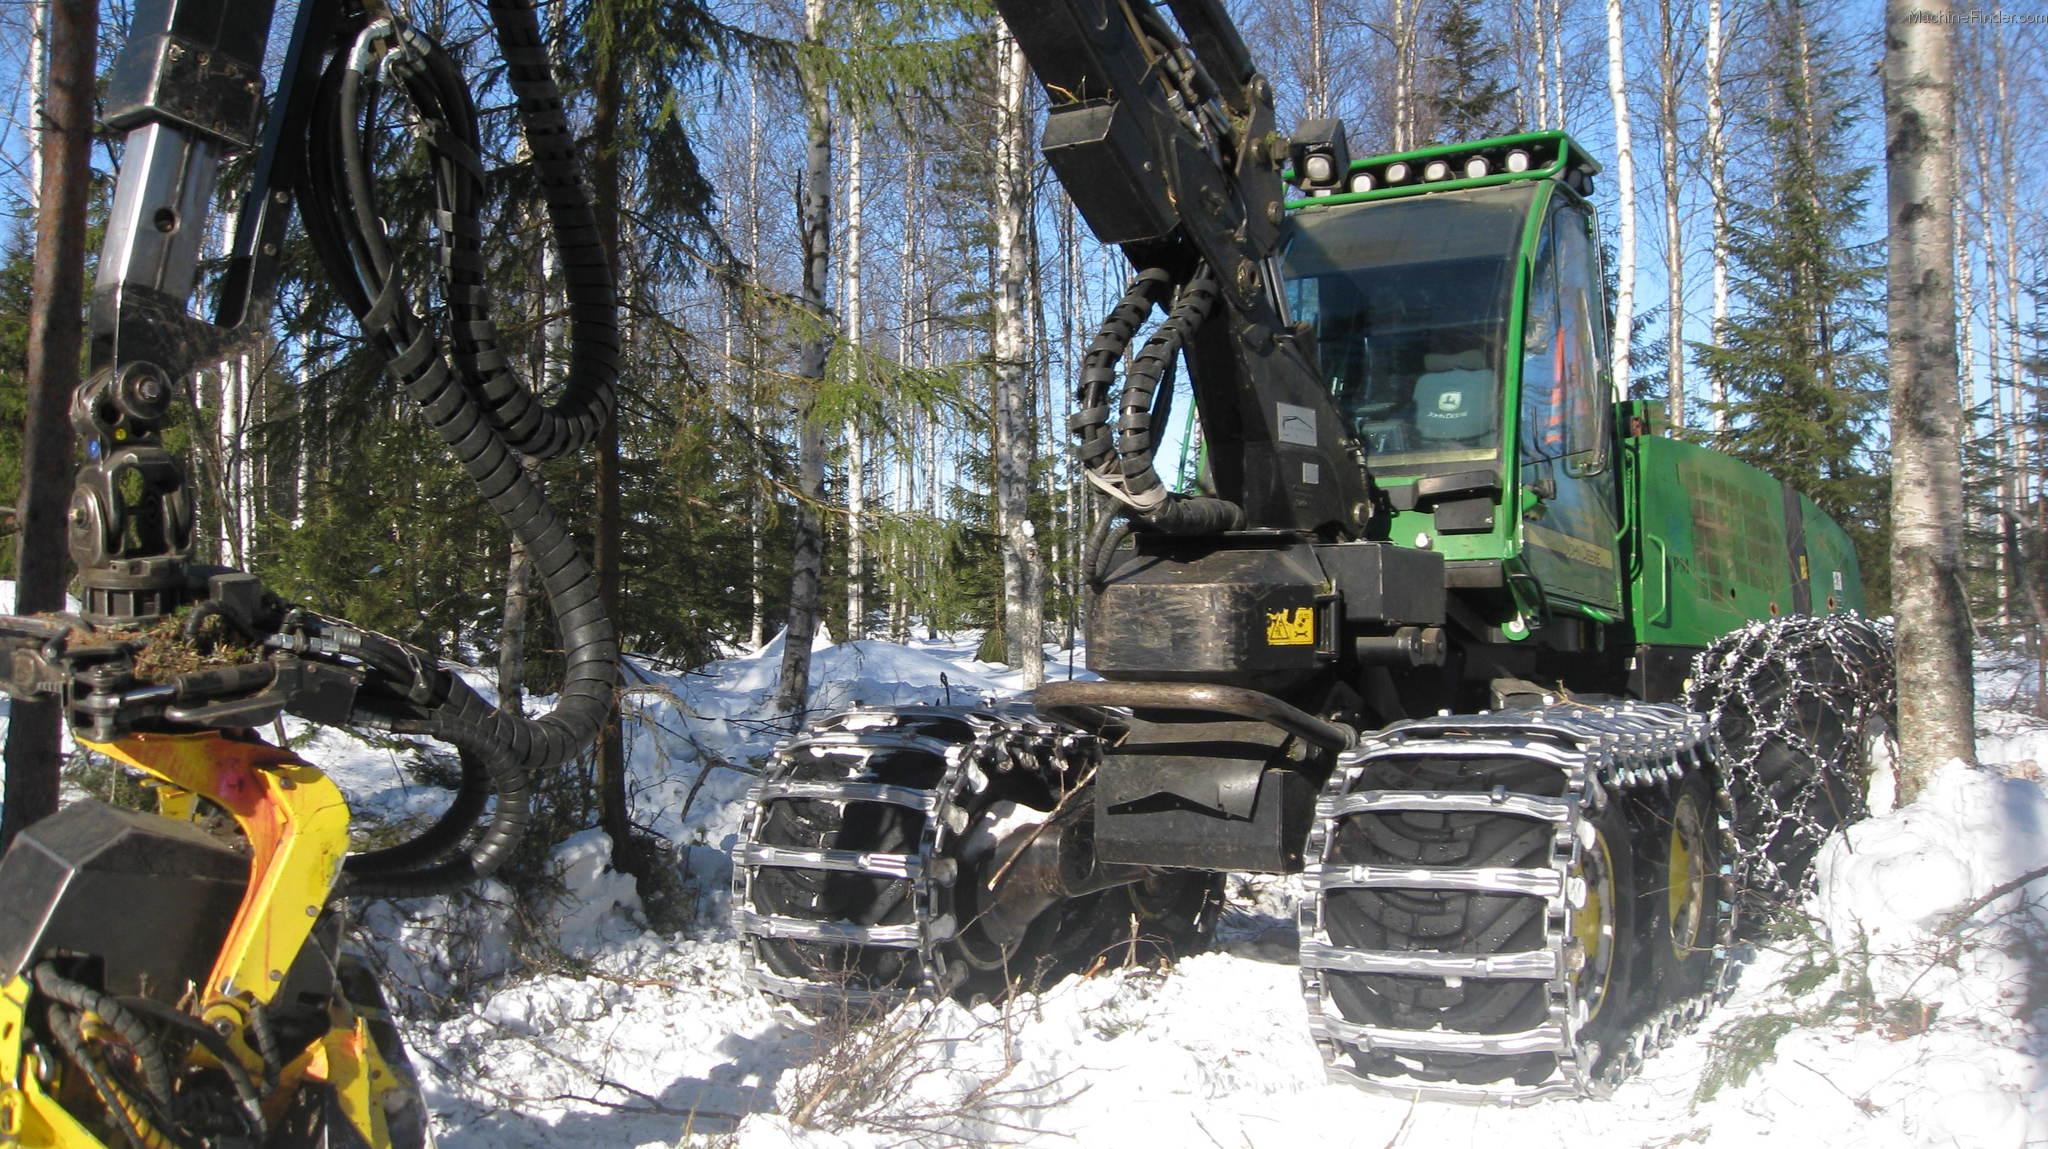 John Deere Forestry Harvester in Snow